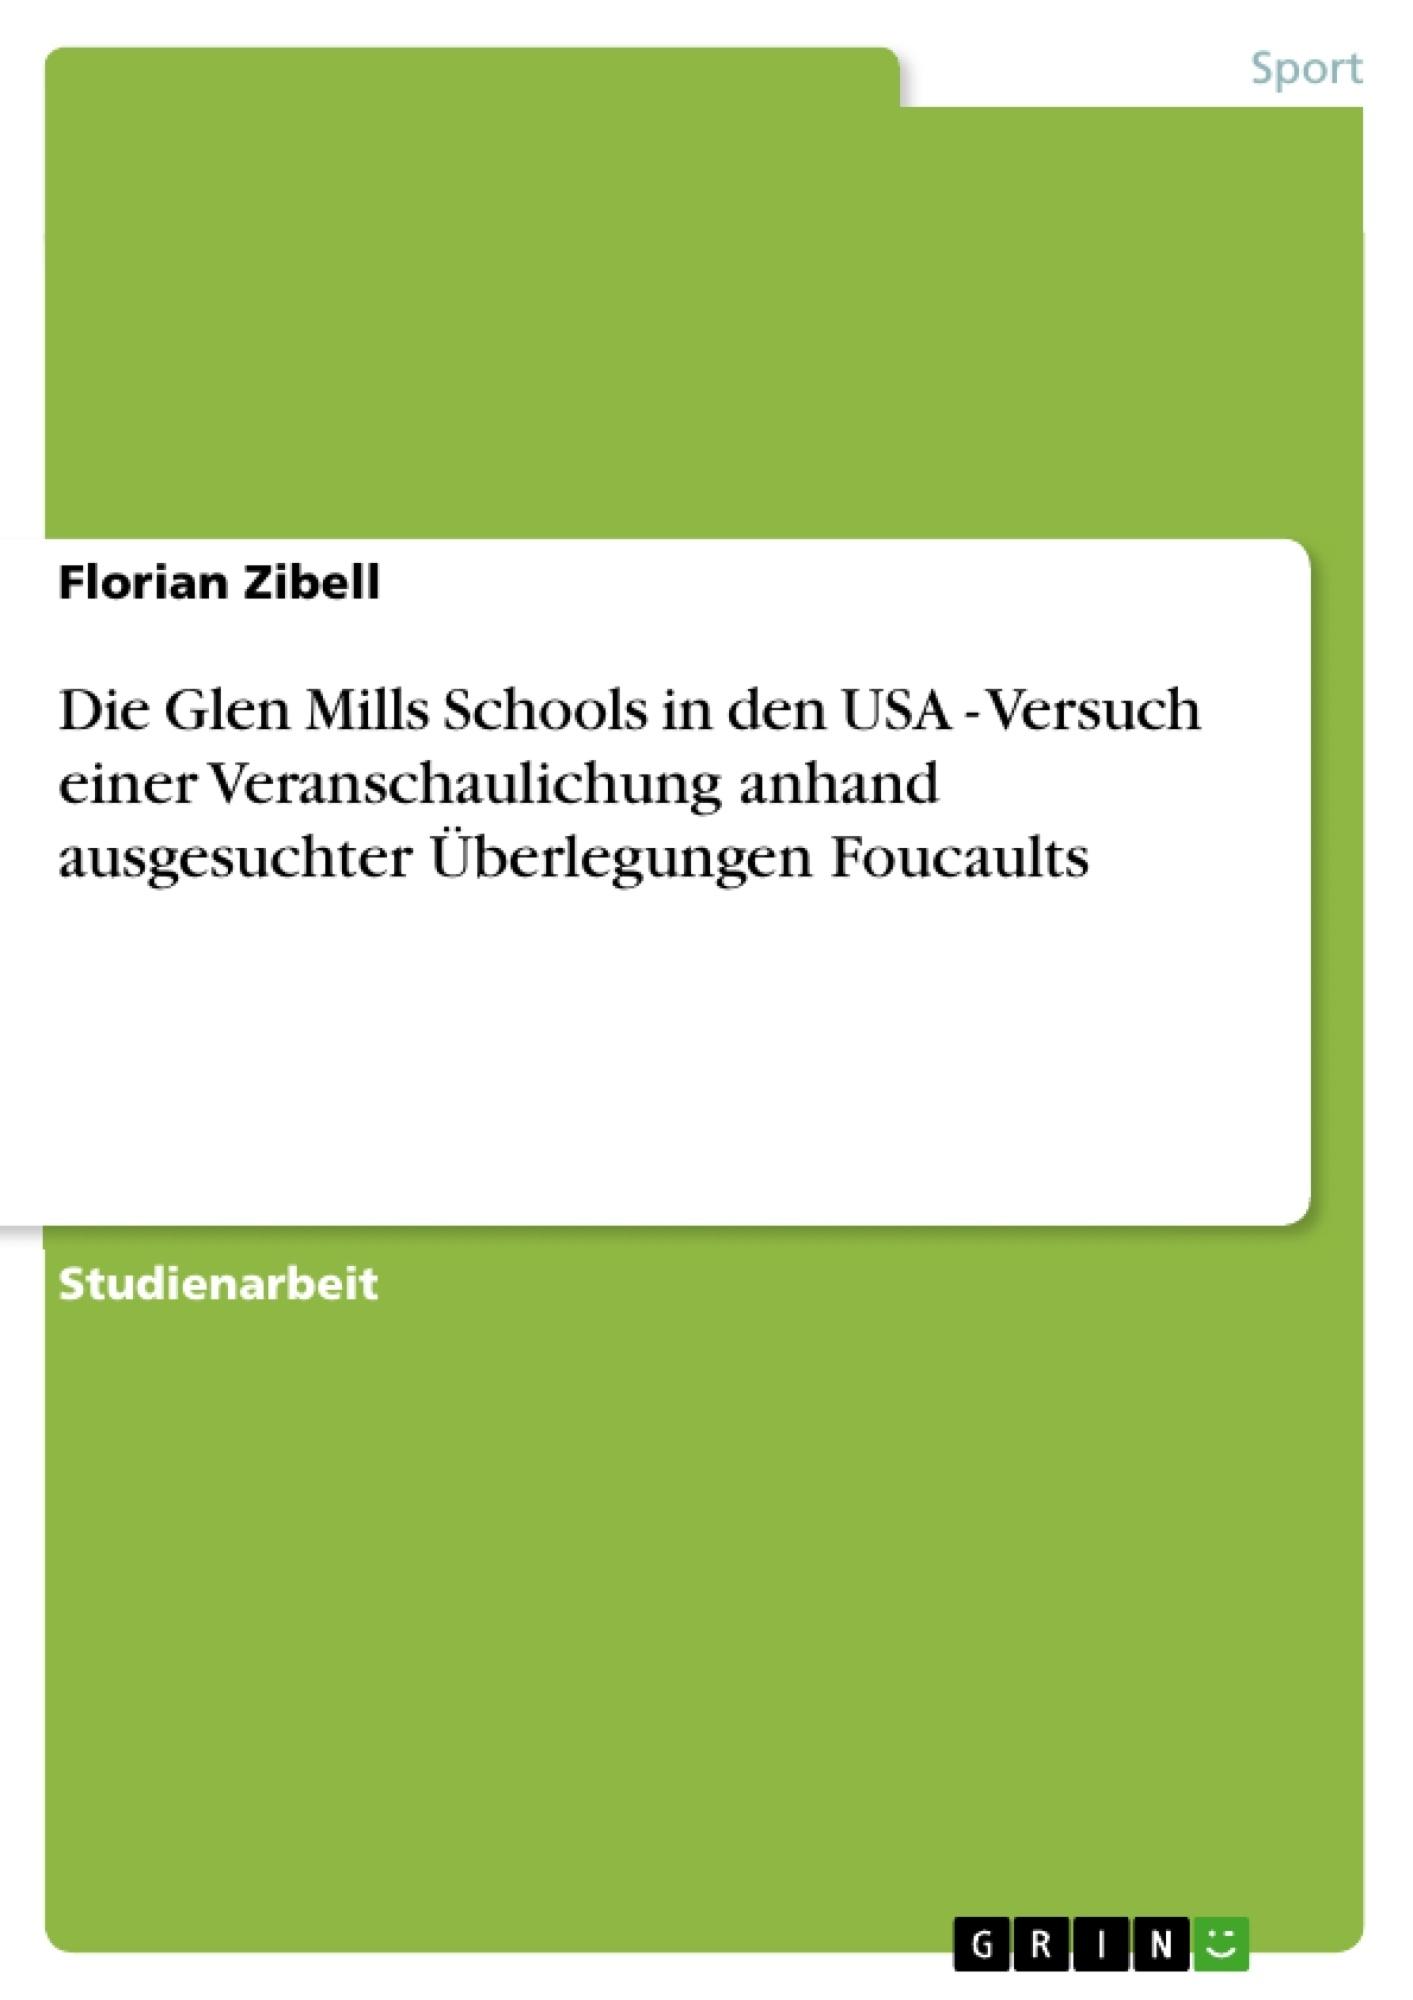 Titel: Die Glen Mills Schools in den USA - Versuch einer Veranschaulichung anhand ausgesuchter  Überlegungen Foucaults